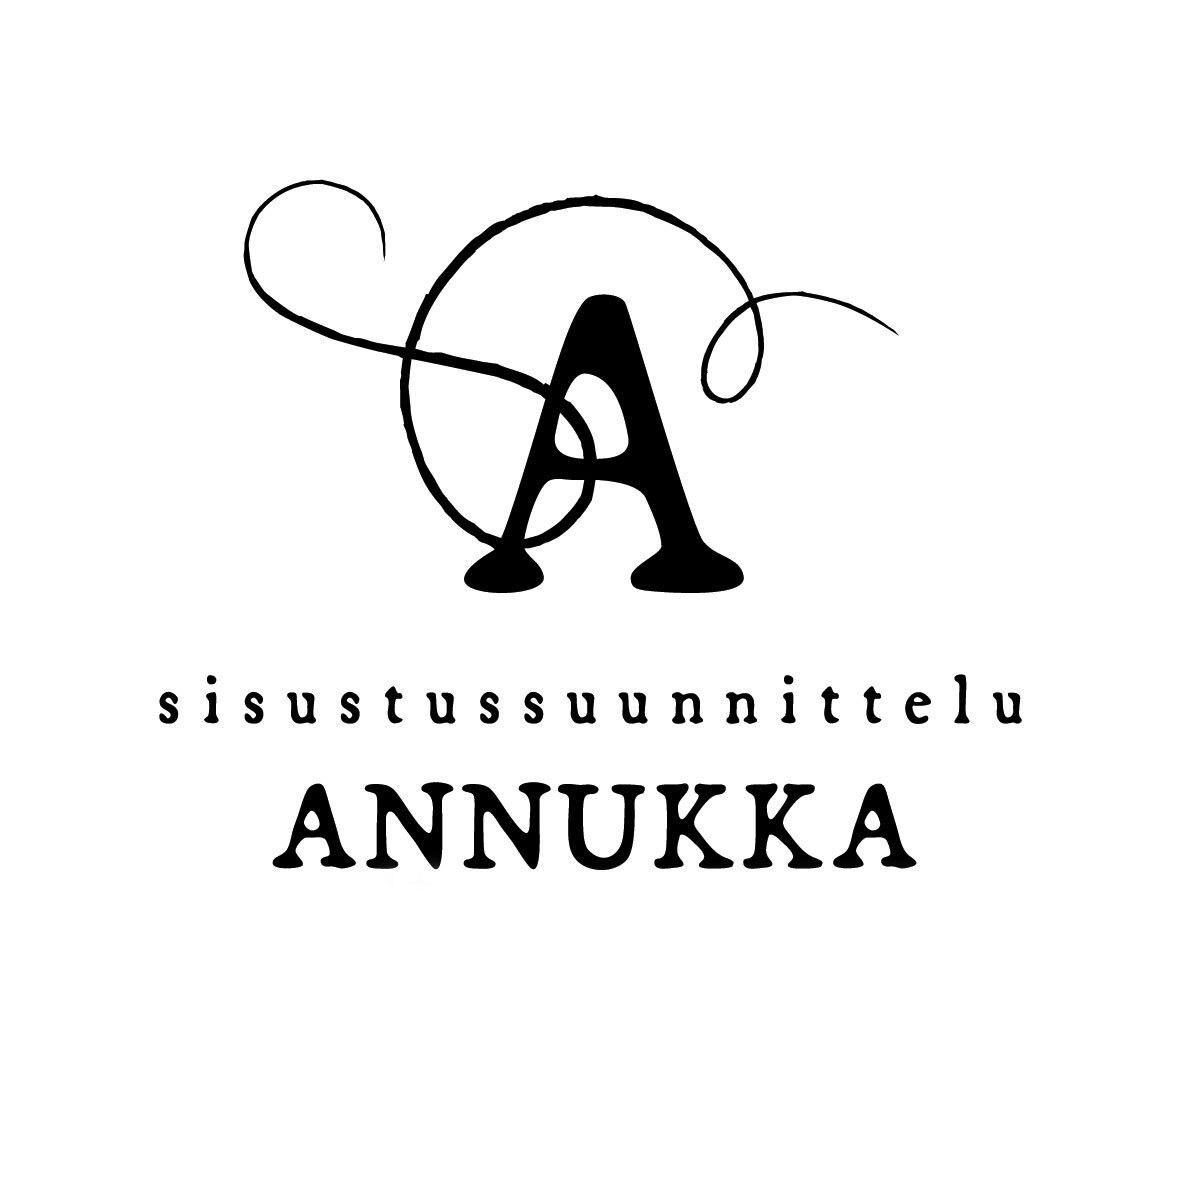 Sisustussuunnittelu Annukka  | Jyväskylä, Keski-Suomi